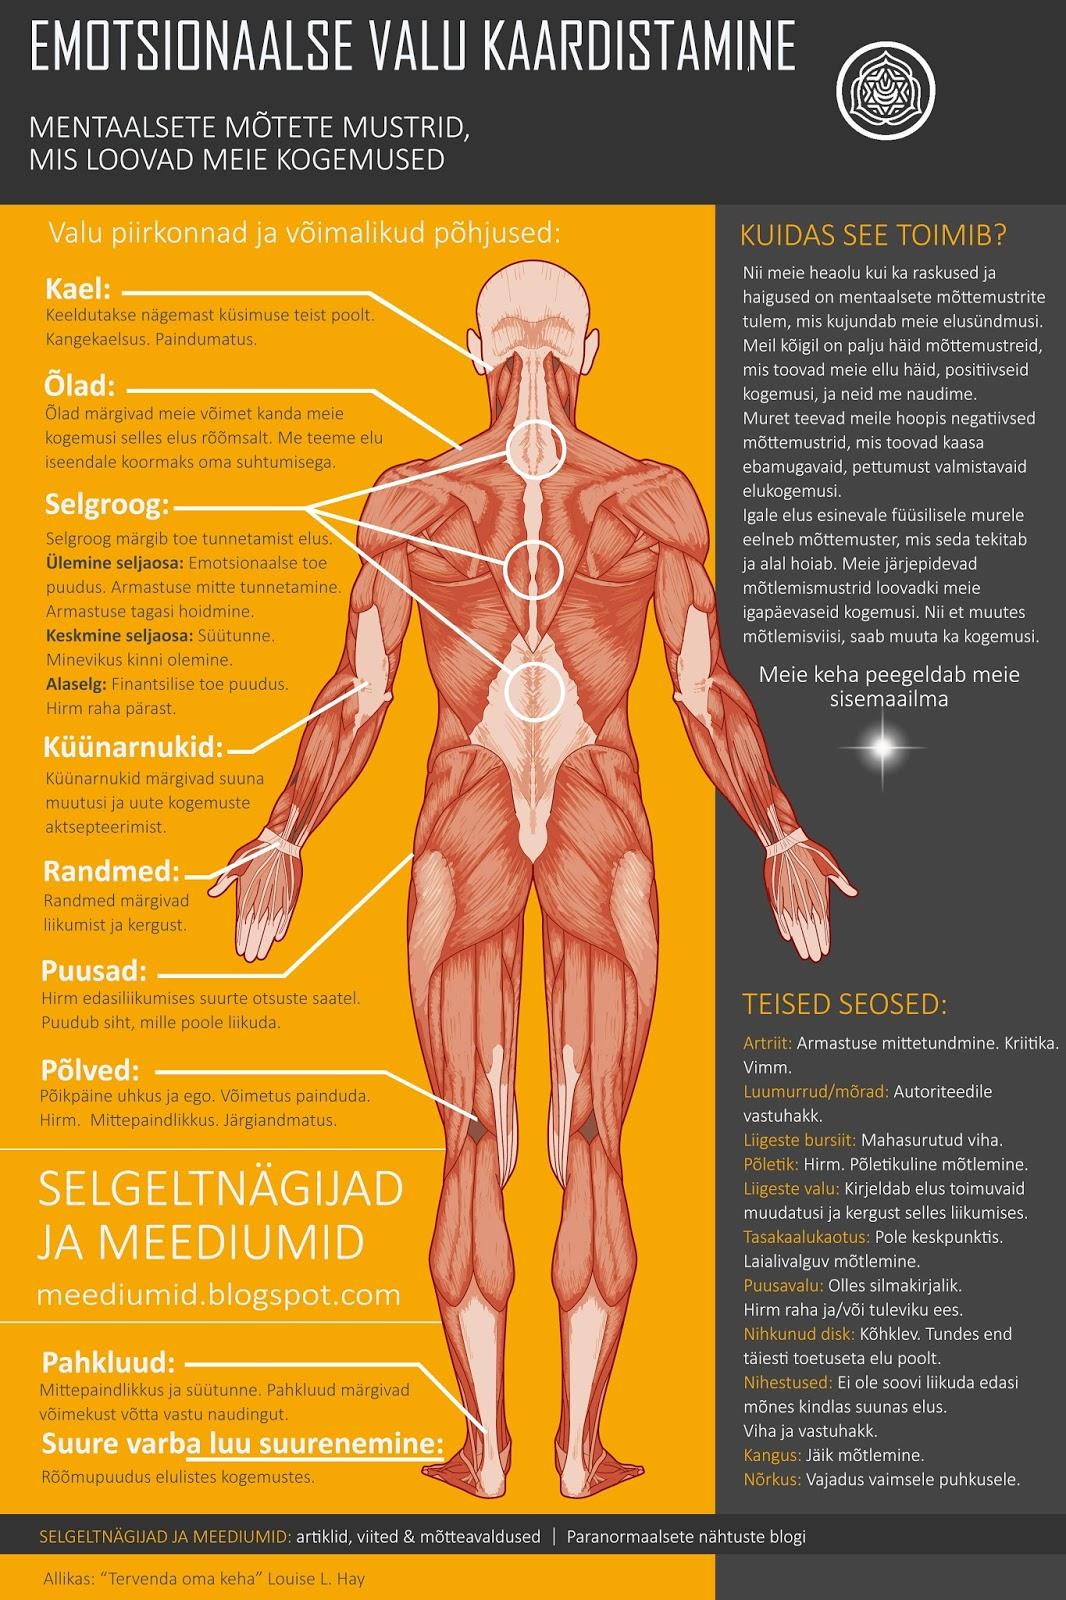 Metafuusika liigeste haiguste metafuusika Kuunarnuki liigese salvi Bourskade ravi